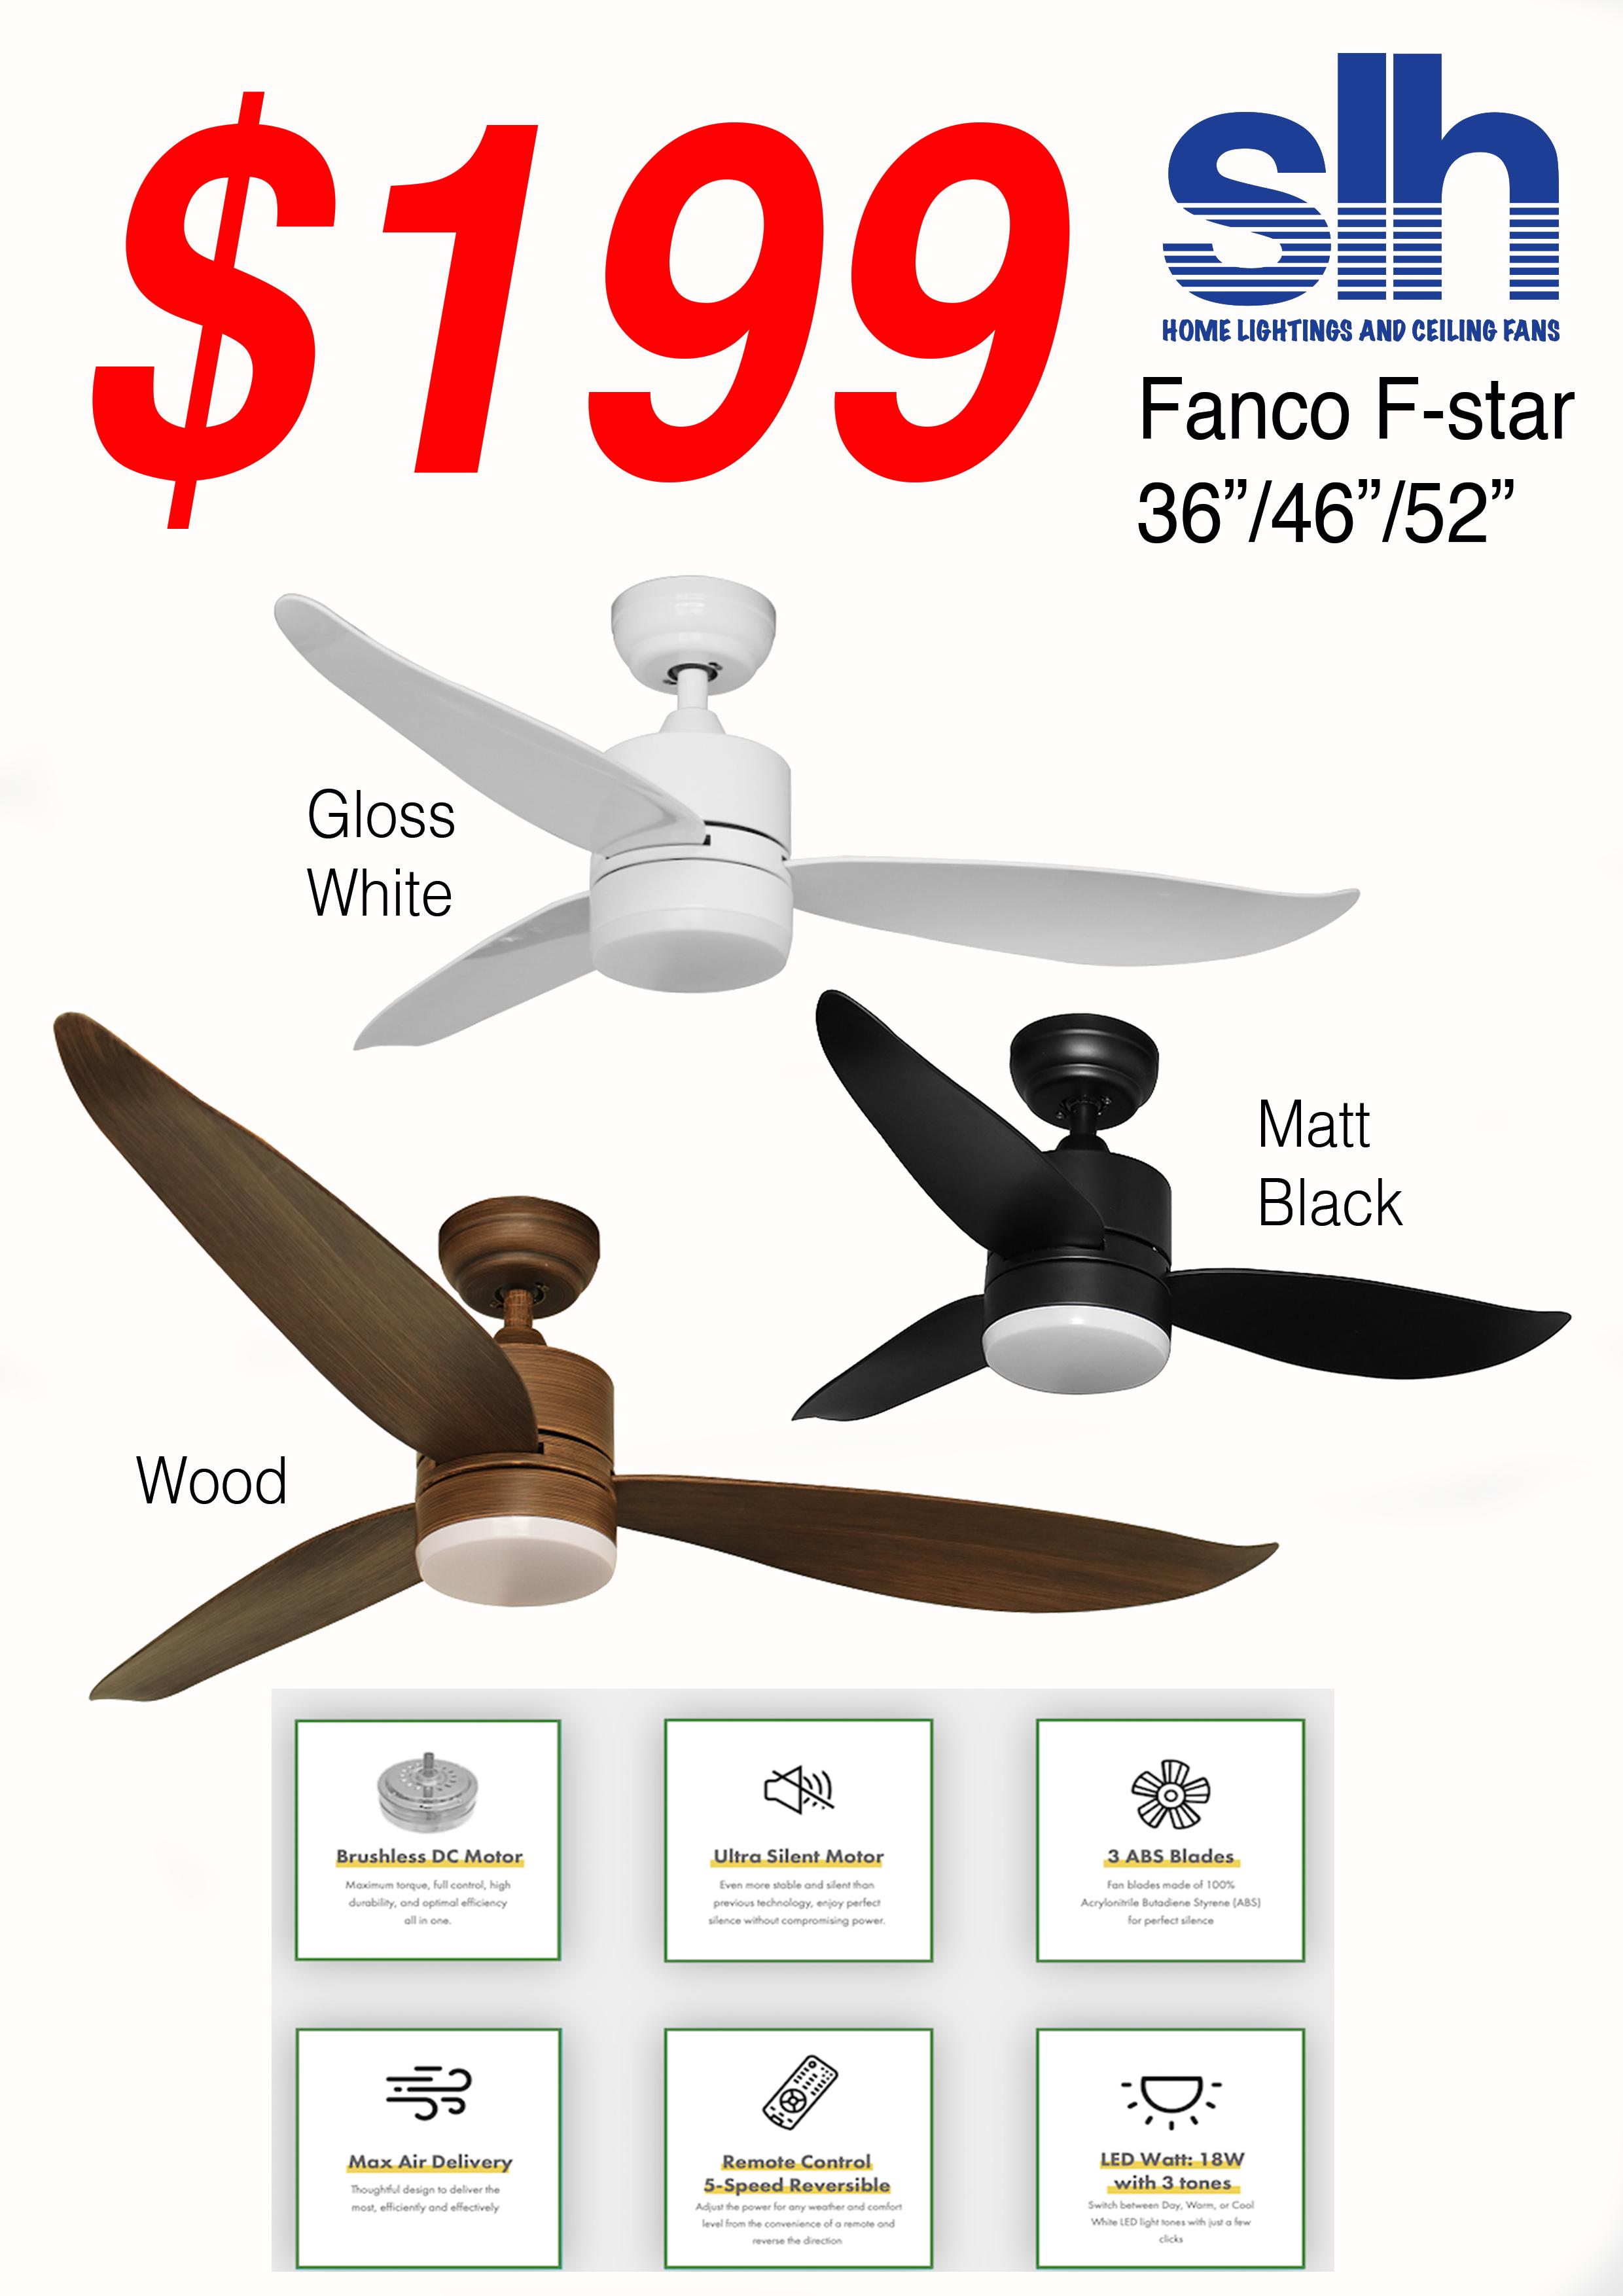 brochure-fanco-fstar-ceiling-fan-sembawang-lighting-house.png